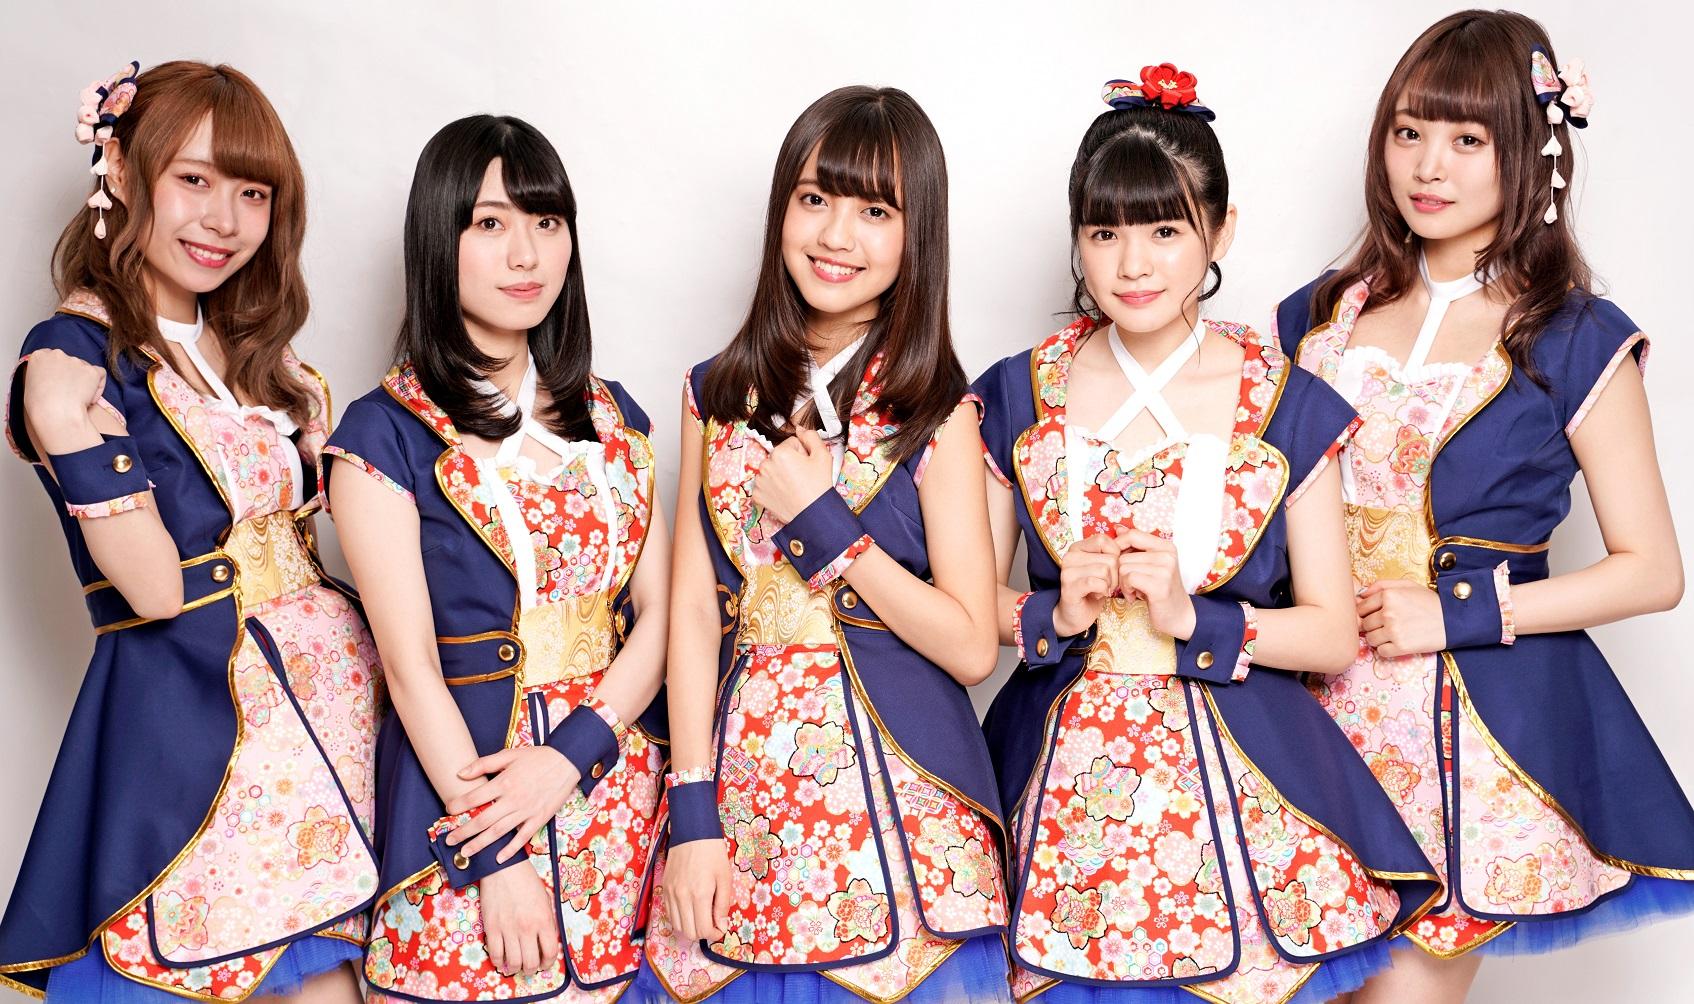 キングソフトから発足した芸能プロダクション「KS Production」から、 アイドルグループ『LiT』を始動!!